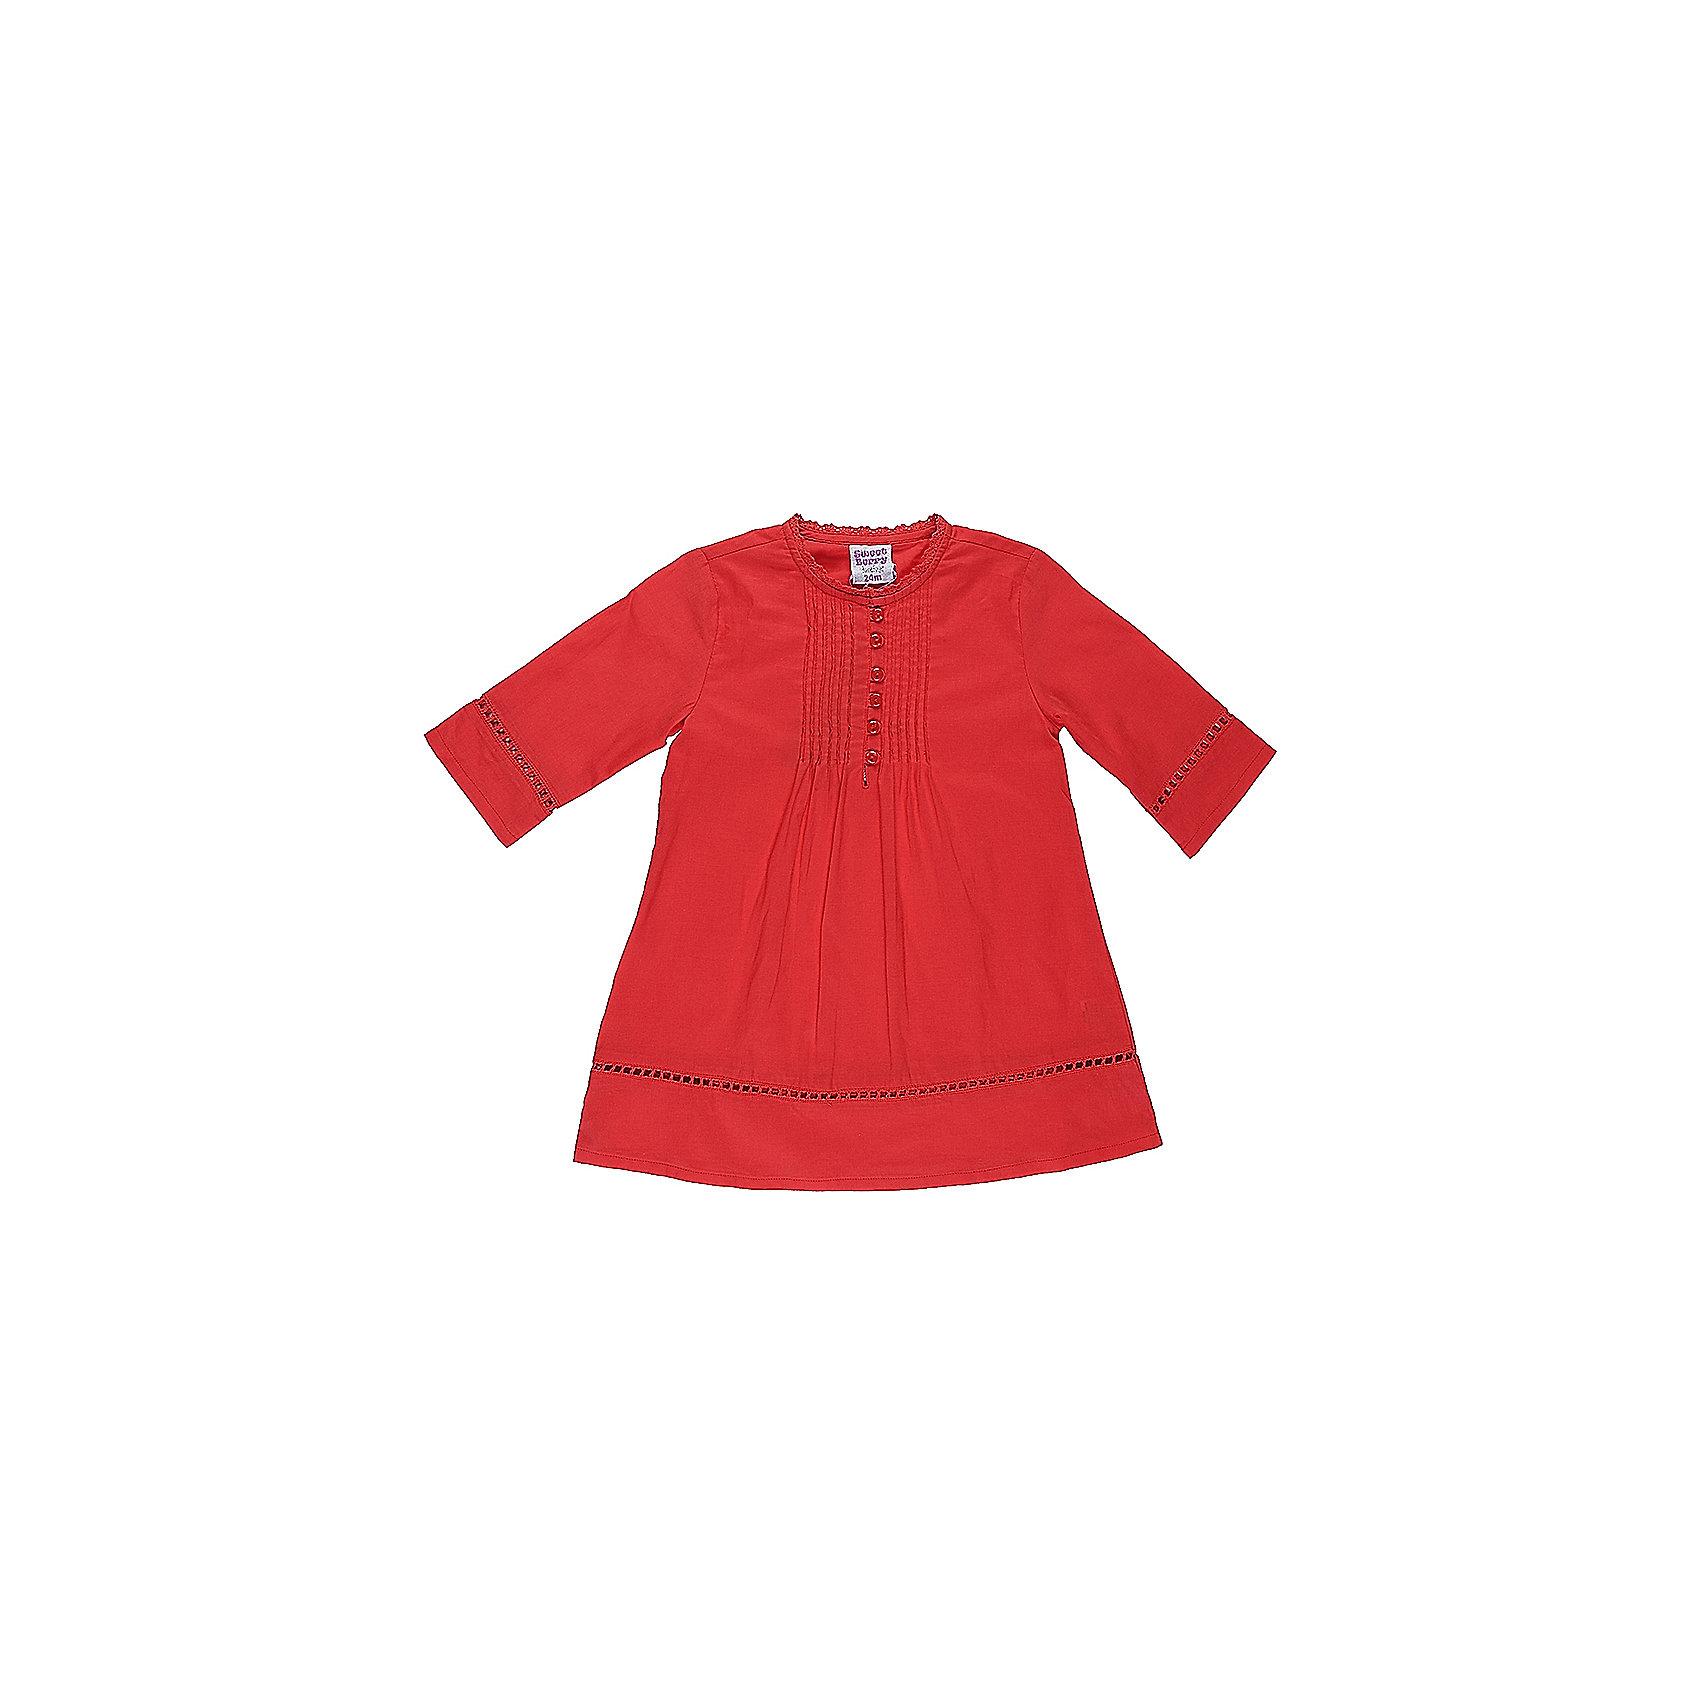 Платье для девочки Sweet BerryПлатья<br>Хлопковое платье-туника для жаркого лета.<br>Состав:<br>100% хлопок<br><br>Ширина мм: 236<br>Глубина мм: 16<br>Высота мм: 184<br>Вес г: 177<br>Цвет: розовый<br>Возраст от месяцев: 12<br>Возраст до месяцев: 15<br>Пол: Женский<br>Возраст: Детский<br>Размер: 92,98,80,86<br>SKU: 5410851